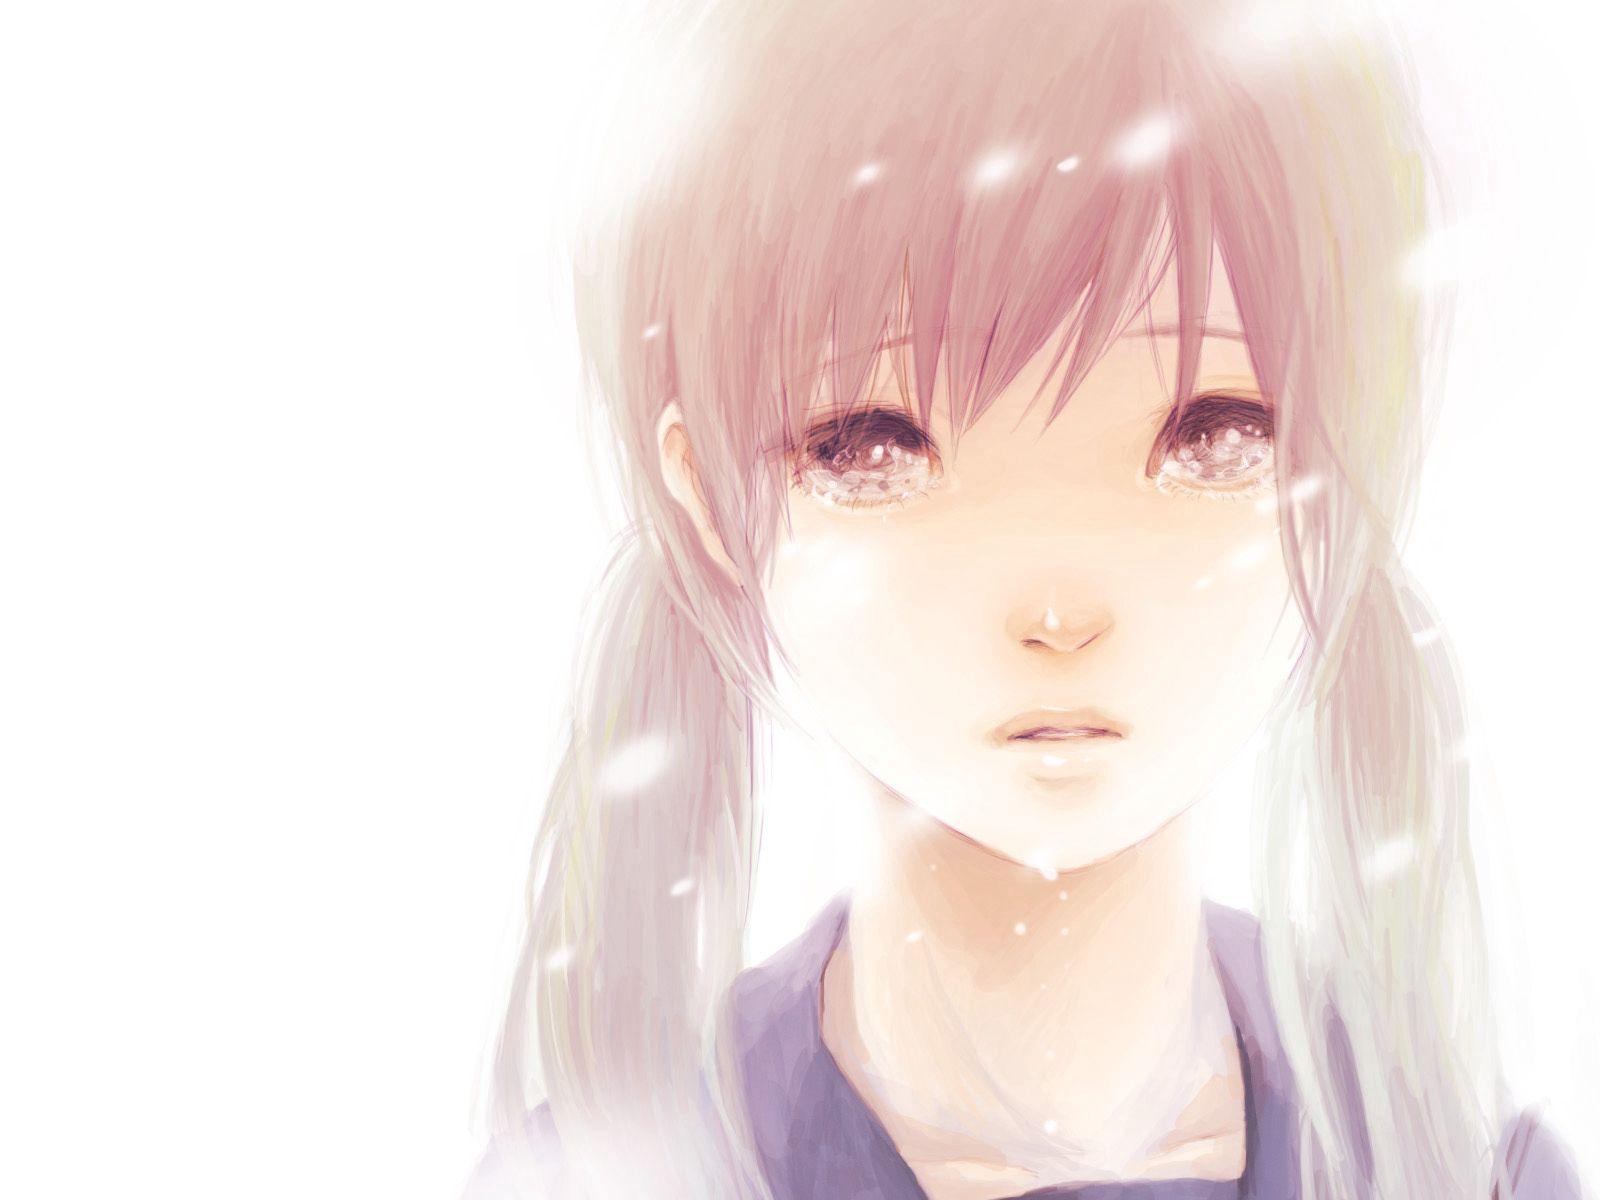 151989 скачать обои Аниме, Hatsune Miku, Девушка, Волосы, Два Хвостика, Карие Глаза, Слёзы - заставки и картинки бесплатно